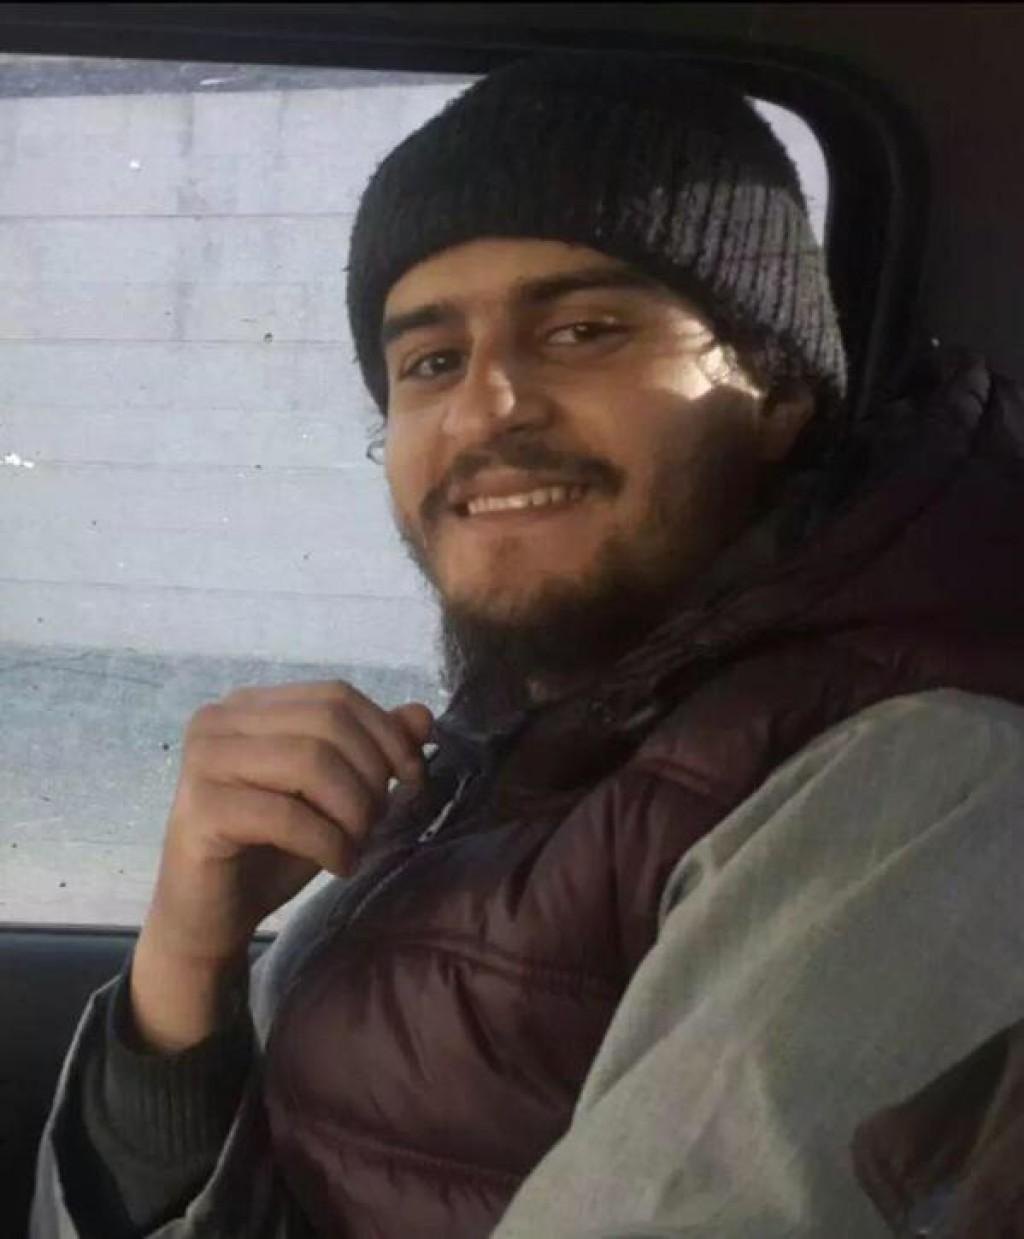 15-10-16 Abu Yasir al Maghrebi